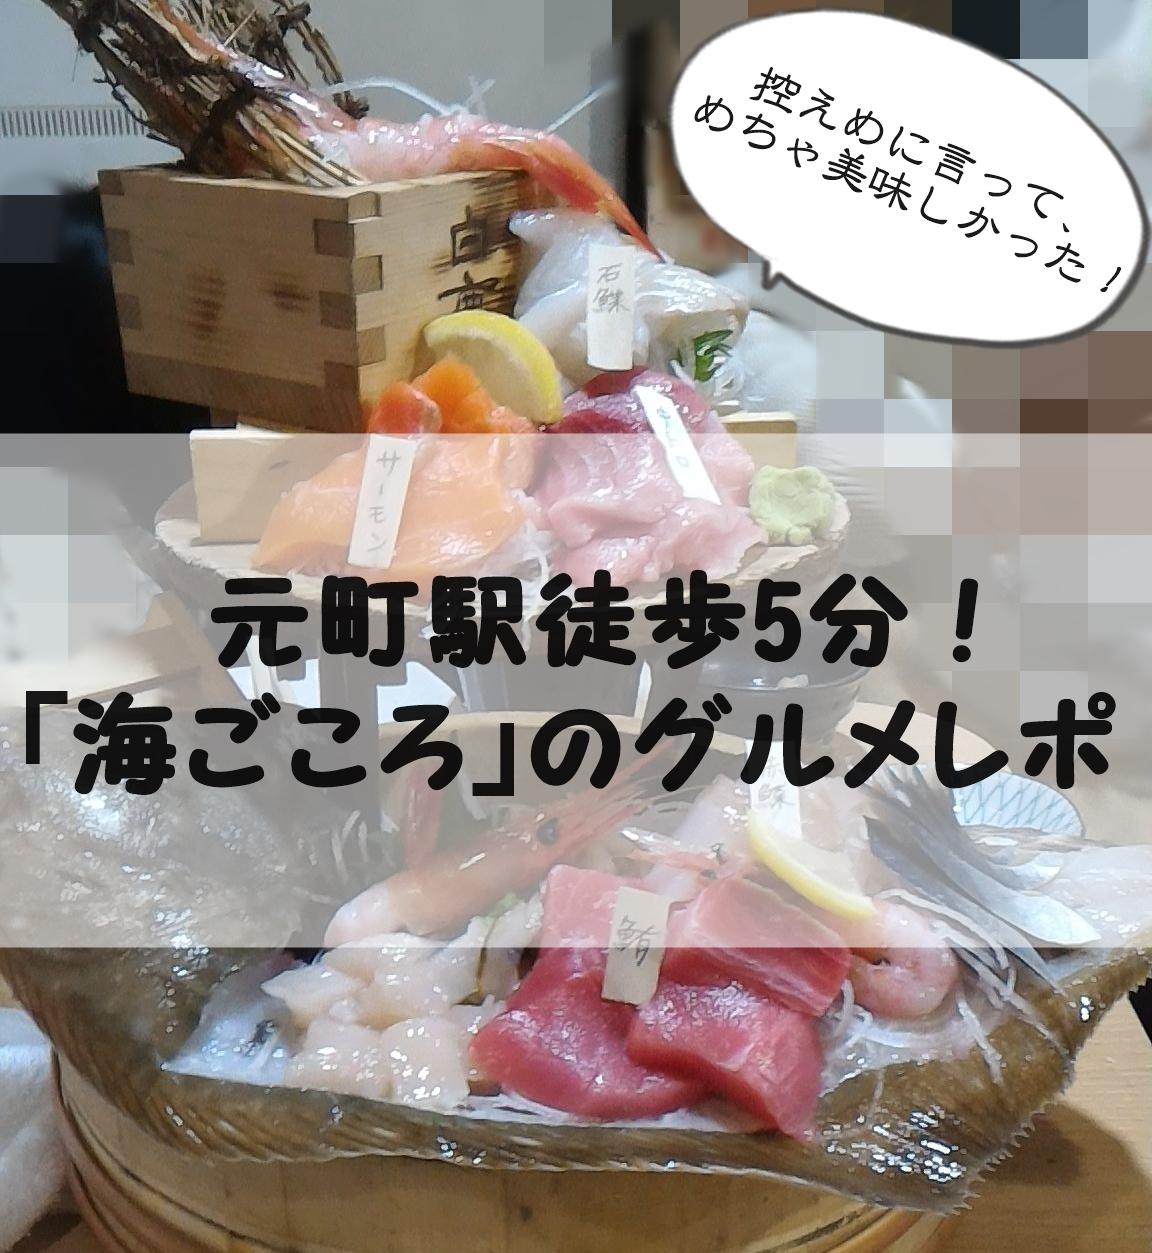 【札幌市東区の居酒屋】海ごころのグルメを口コミレポ!